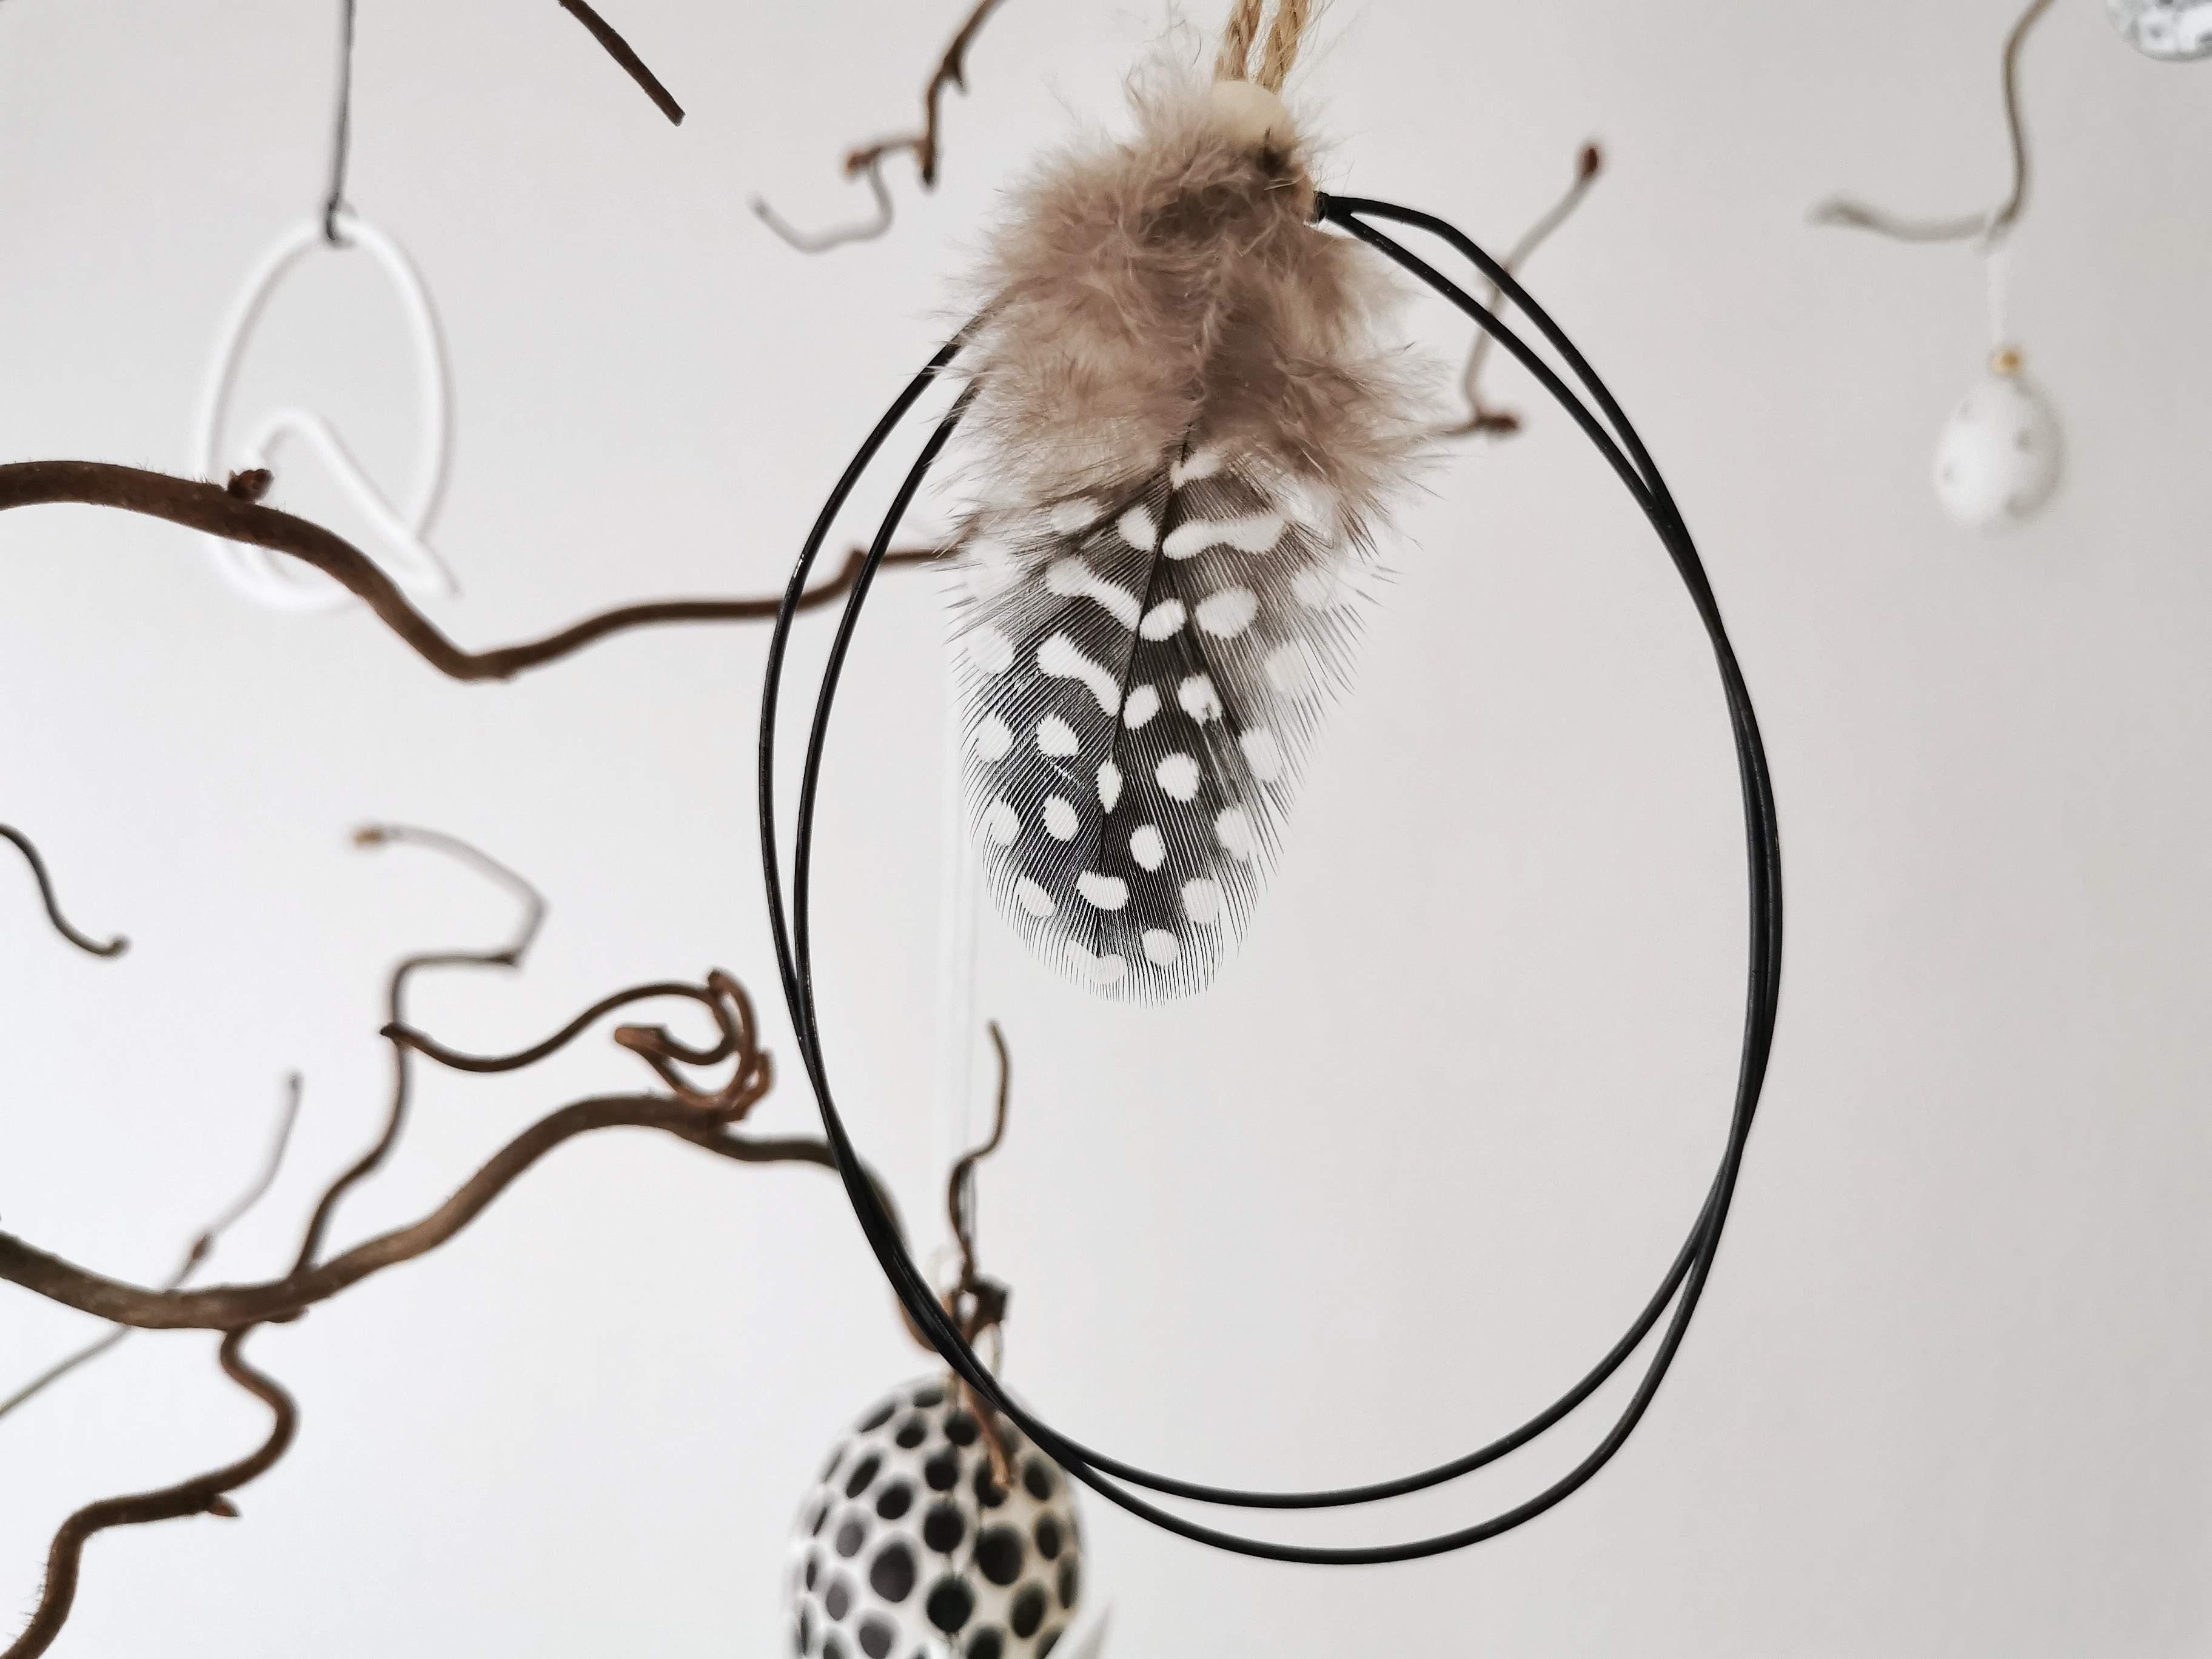 Ein senkrecht hängender Osterstrauch an der Zimmerdecke - Eine schaukelnde Korkenzieherweide österlich geschmückt | mammilade.com